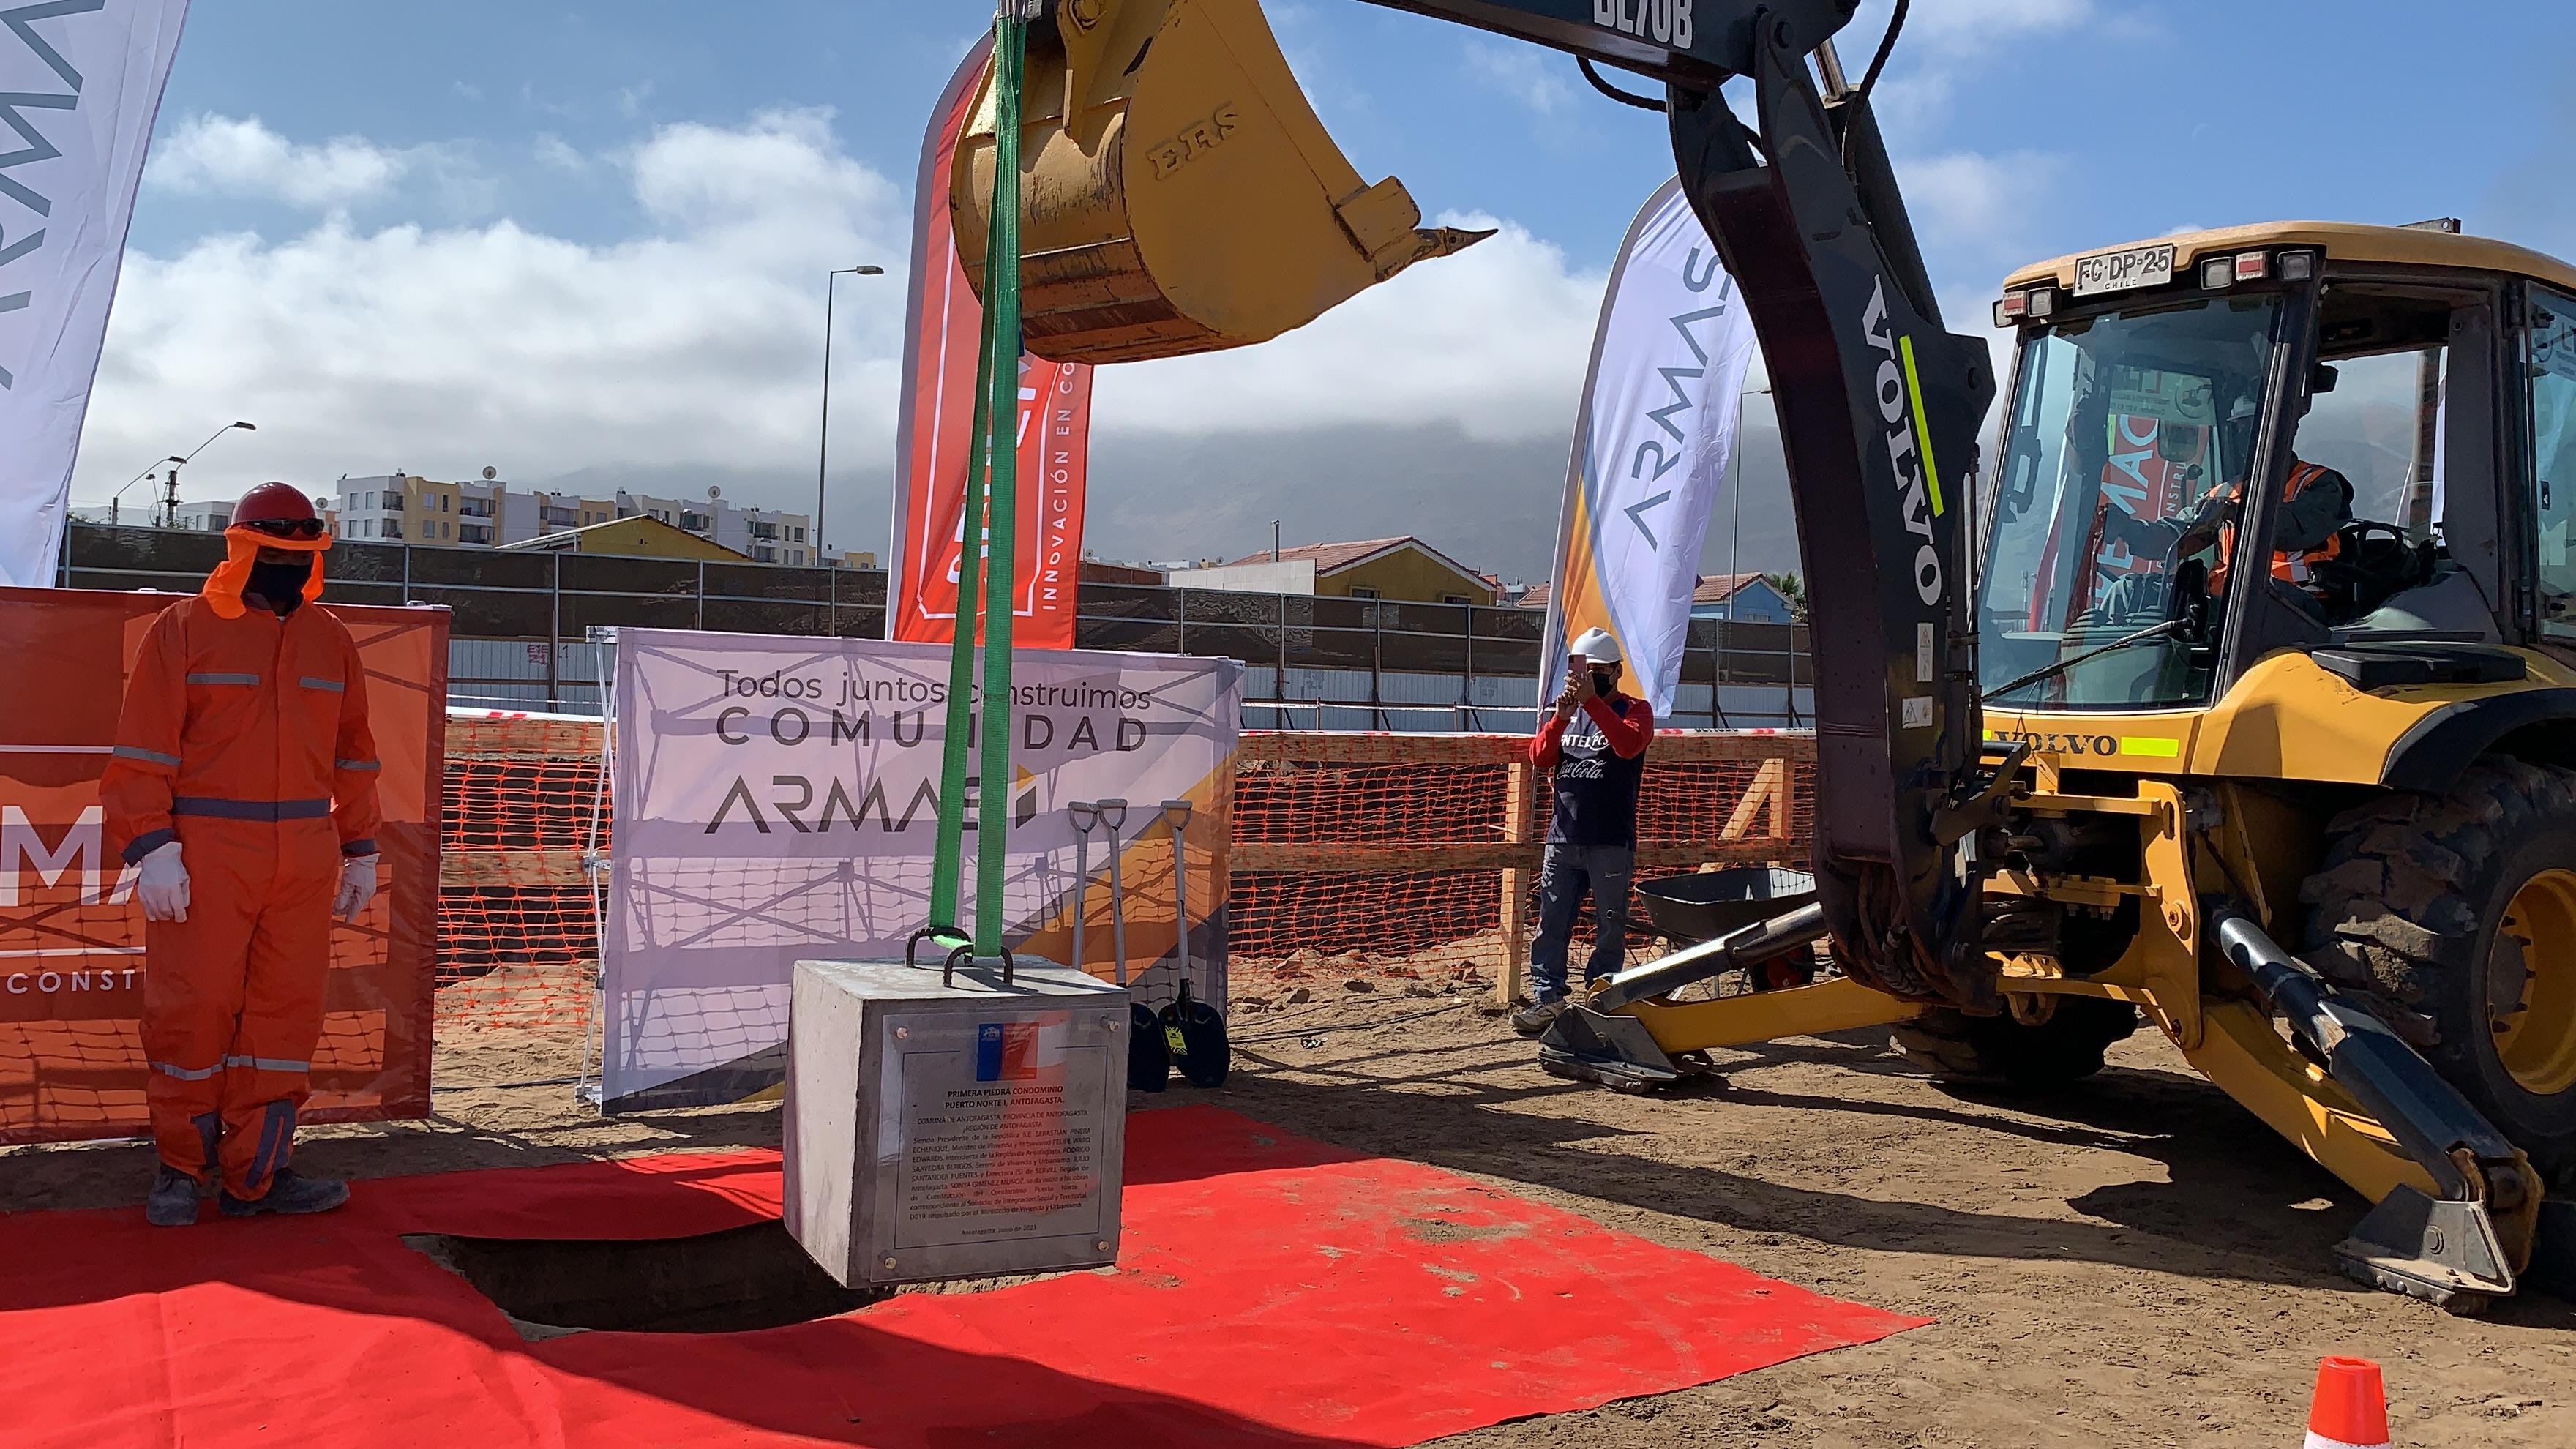 Alianza entre empresas Armas y Seremac permitirá la construcción de viviendas para 280 familias en Antofagasta noticias